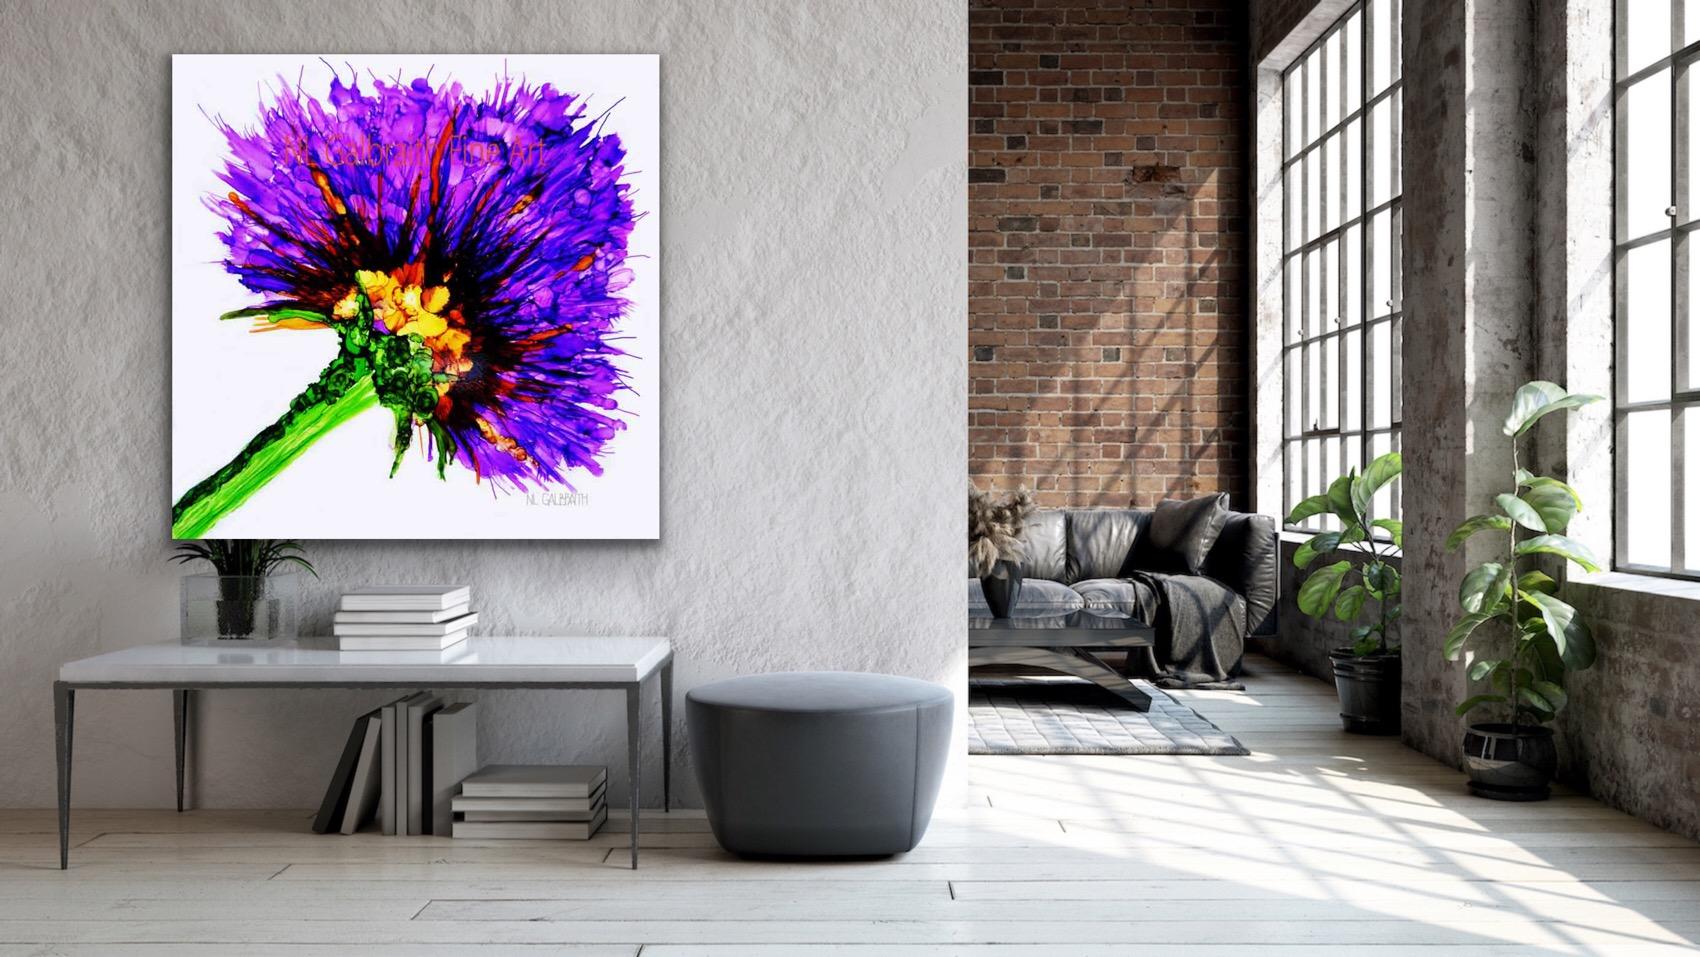 Large Purple Flower in a Flat